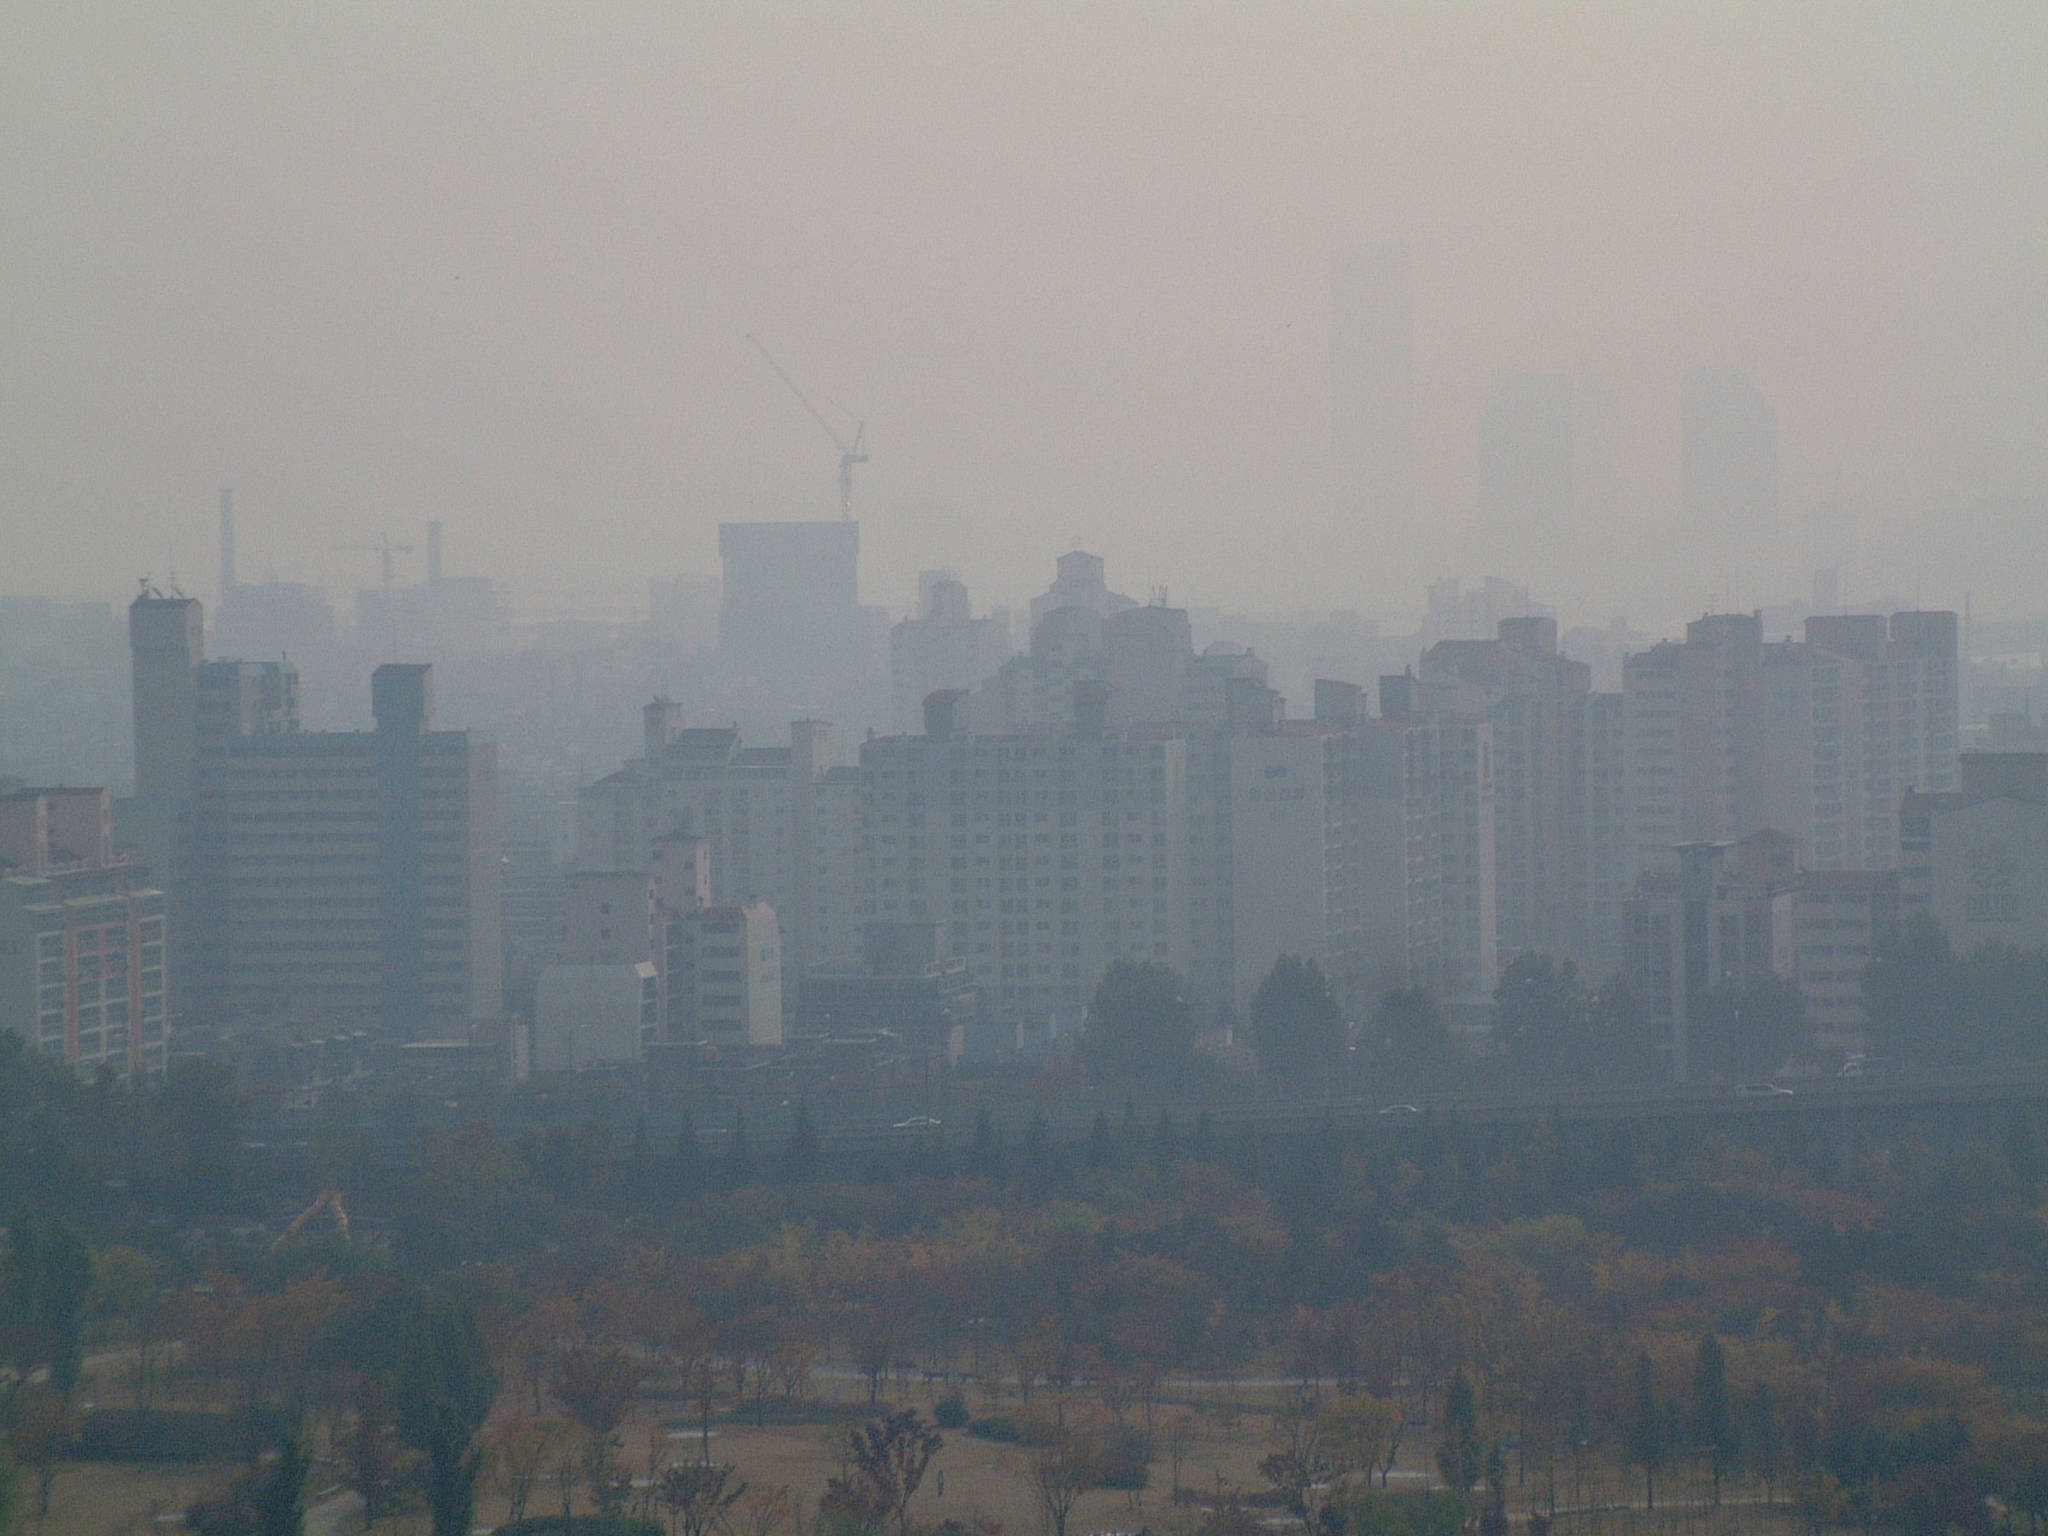 하늘공원에서 내려다 본 서울의 대기오염. 강찬수 기자